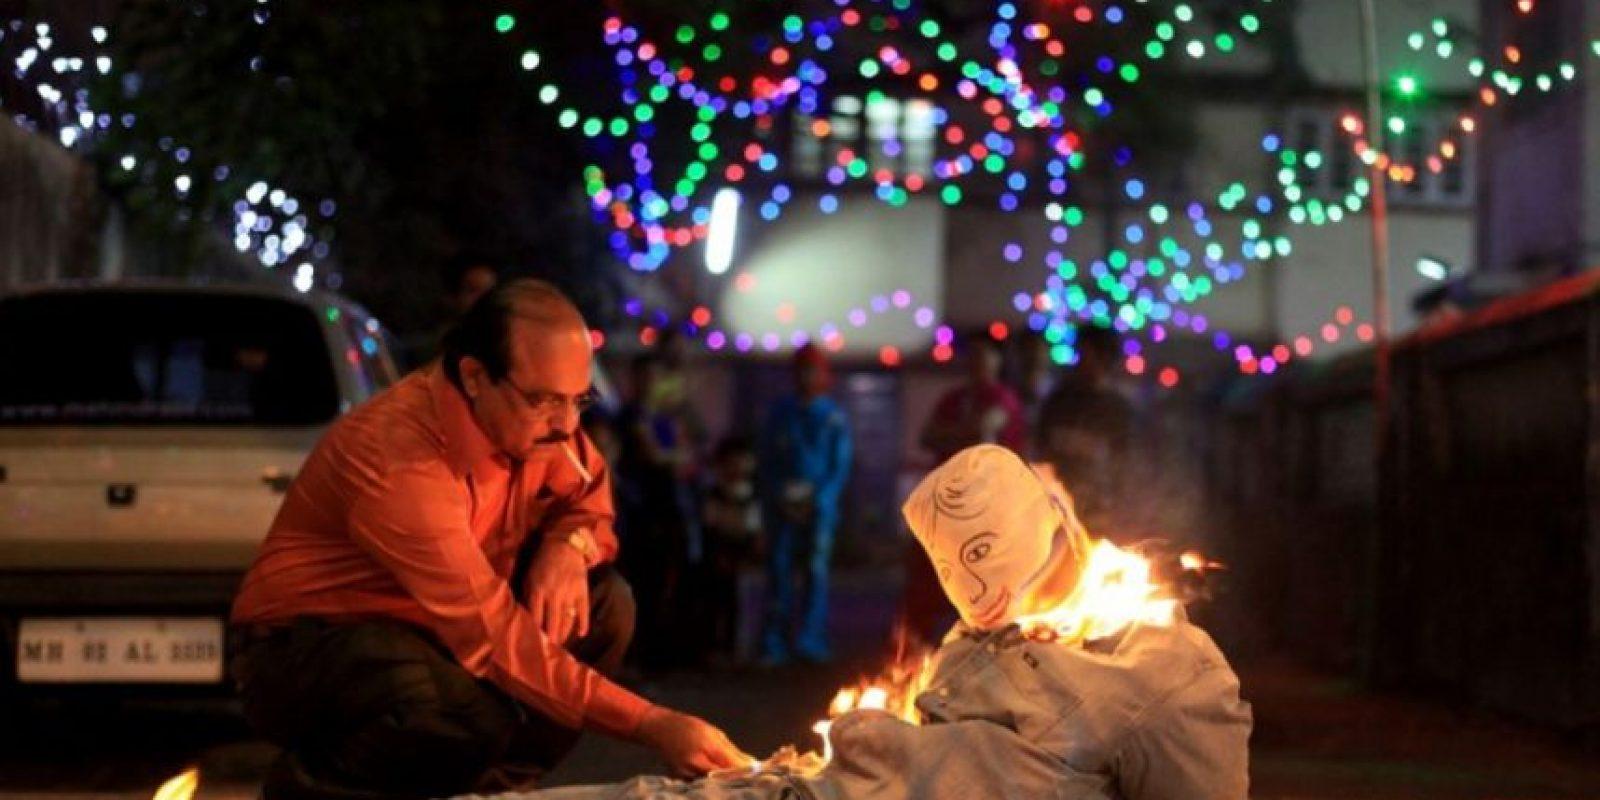 Puede ser profundo prenderle fuego a nuestro yo negativo del año viejo, pero materializarlo es peligroso Foto:Tumblr.com/tagged-año-nuevo-fail